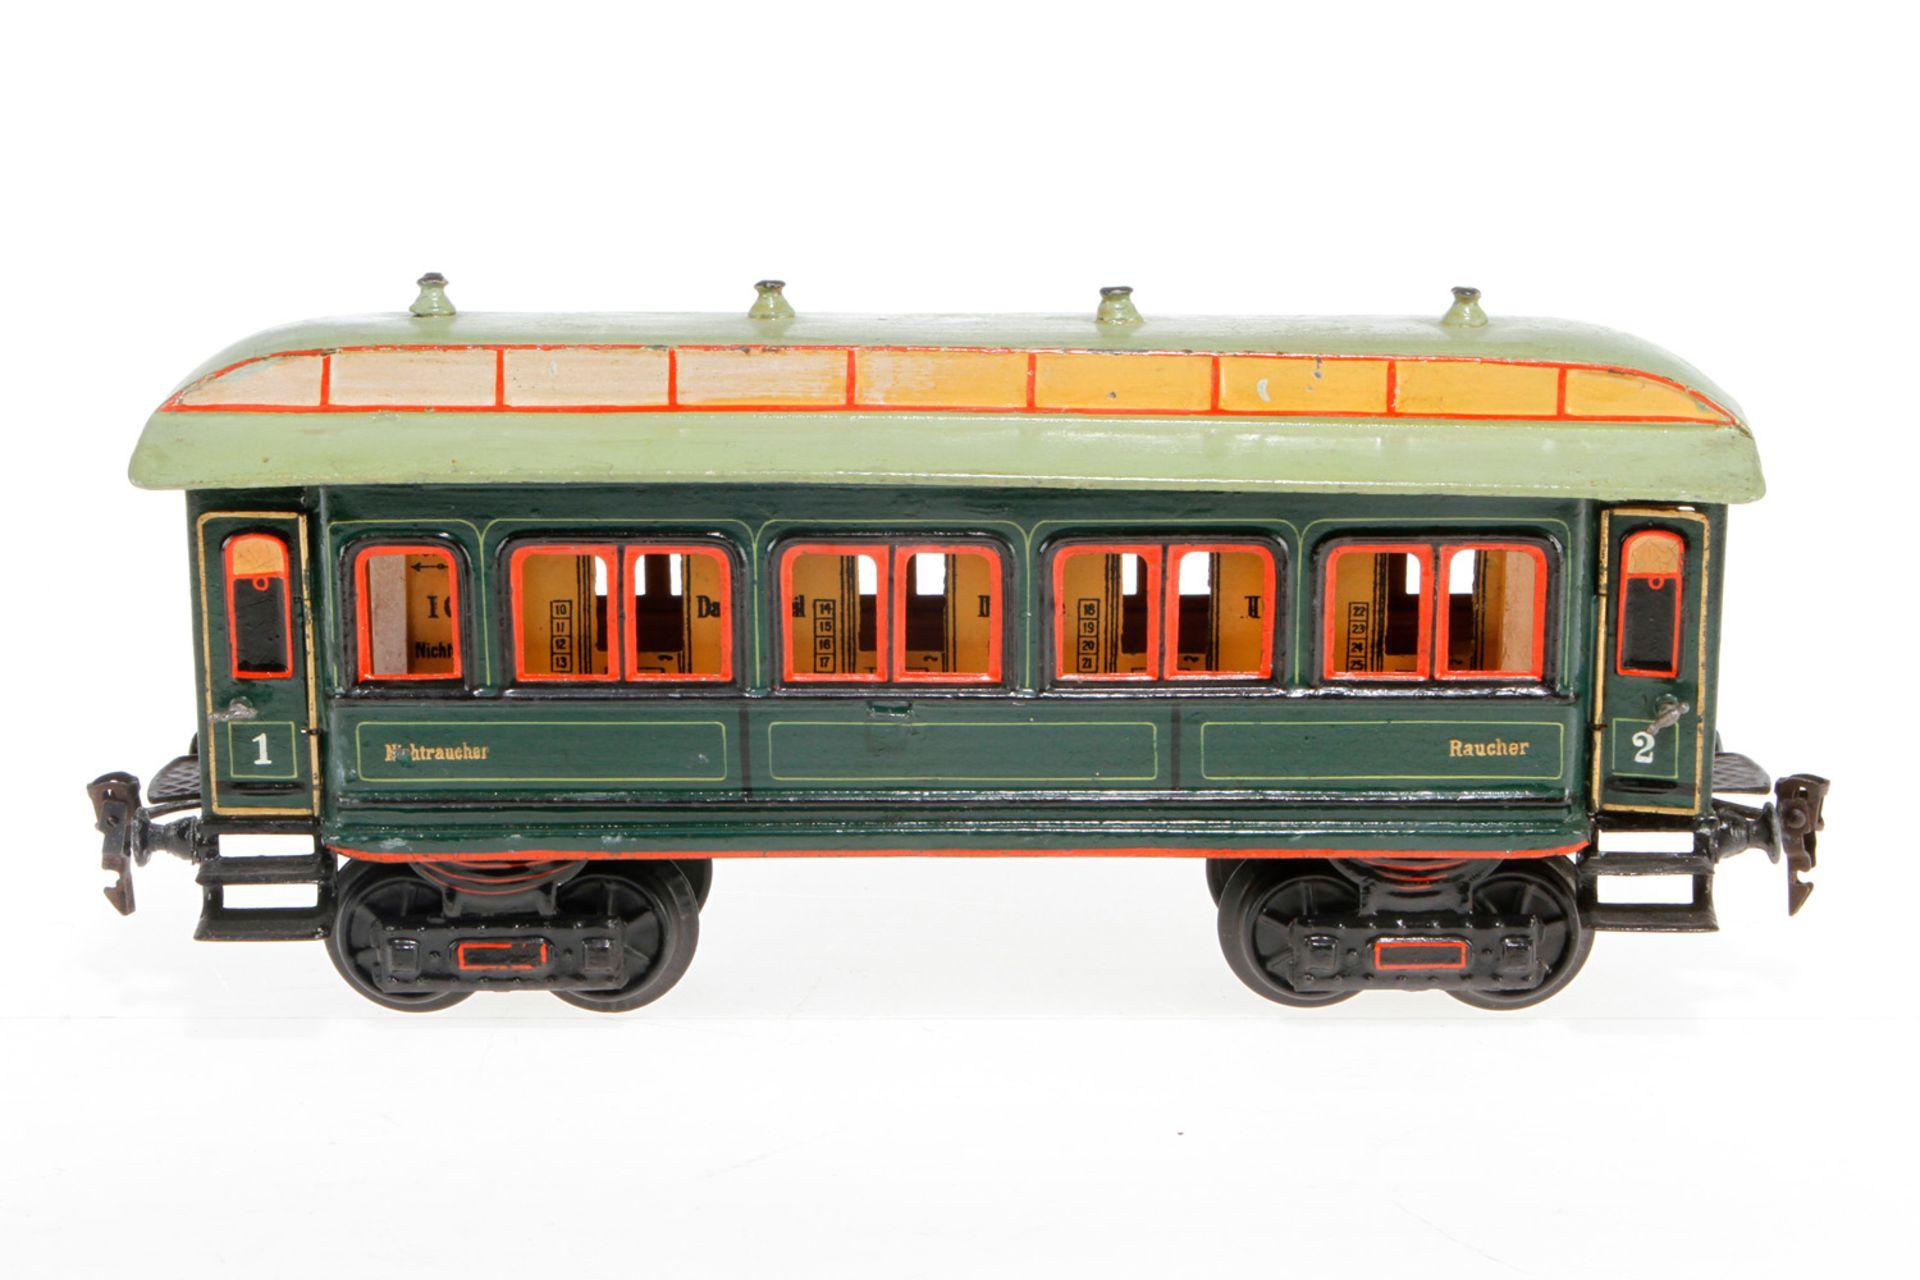 Märklin Personenwagen 1841, S 1, uralt, HL, mit Inneneinrichtung und 4 AT, LS tw ausgebessert,